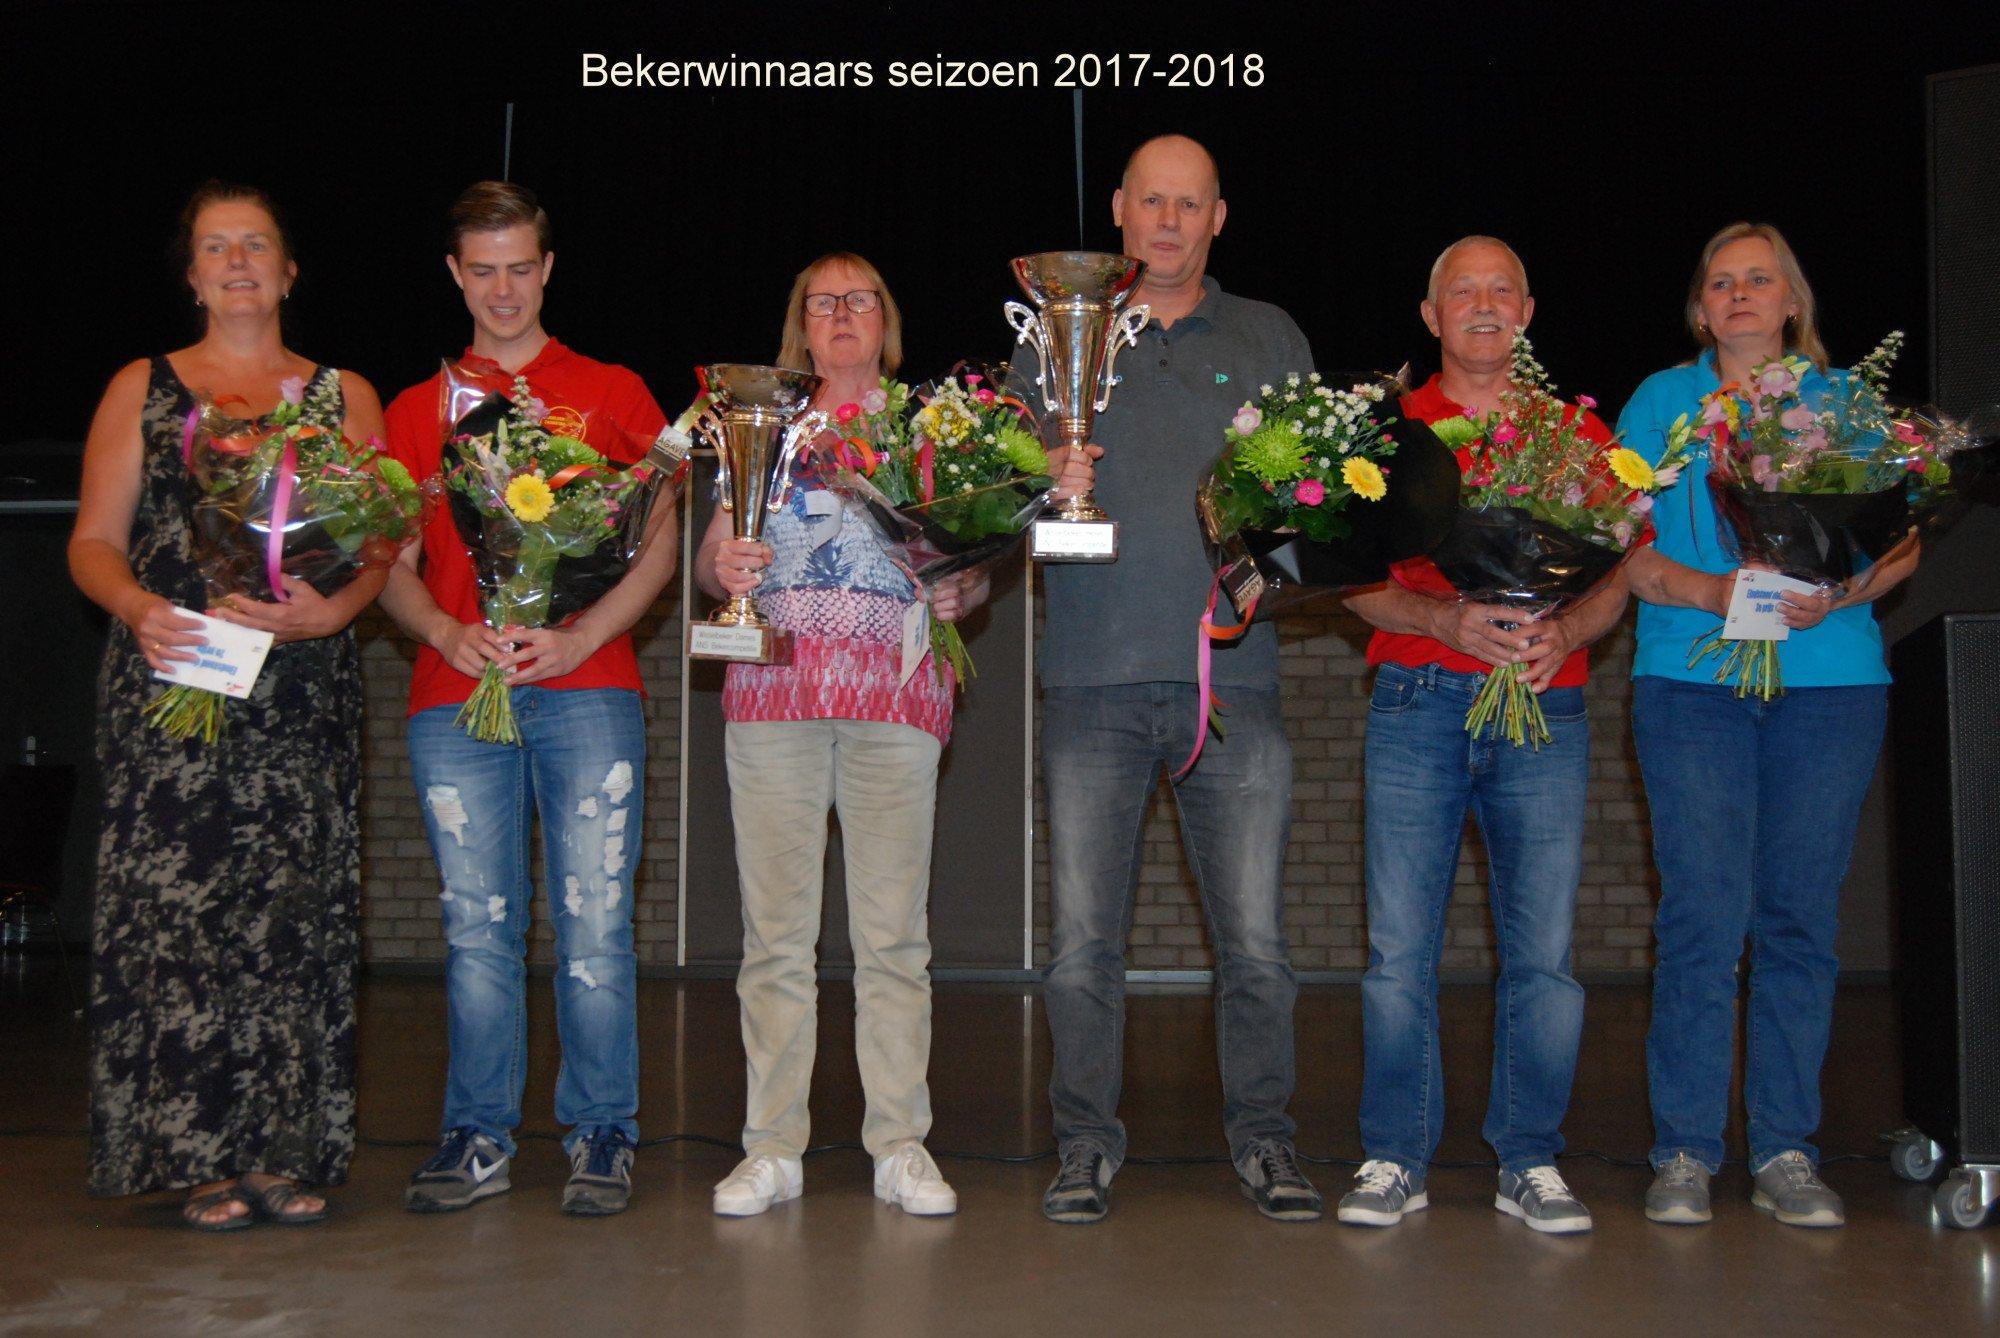 Bekerwinnaars seizoen 2017-2018